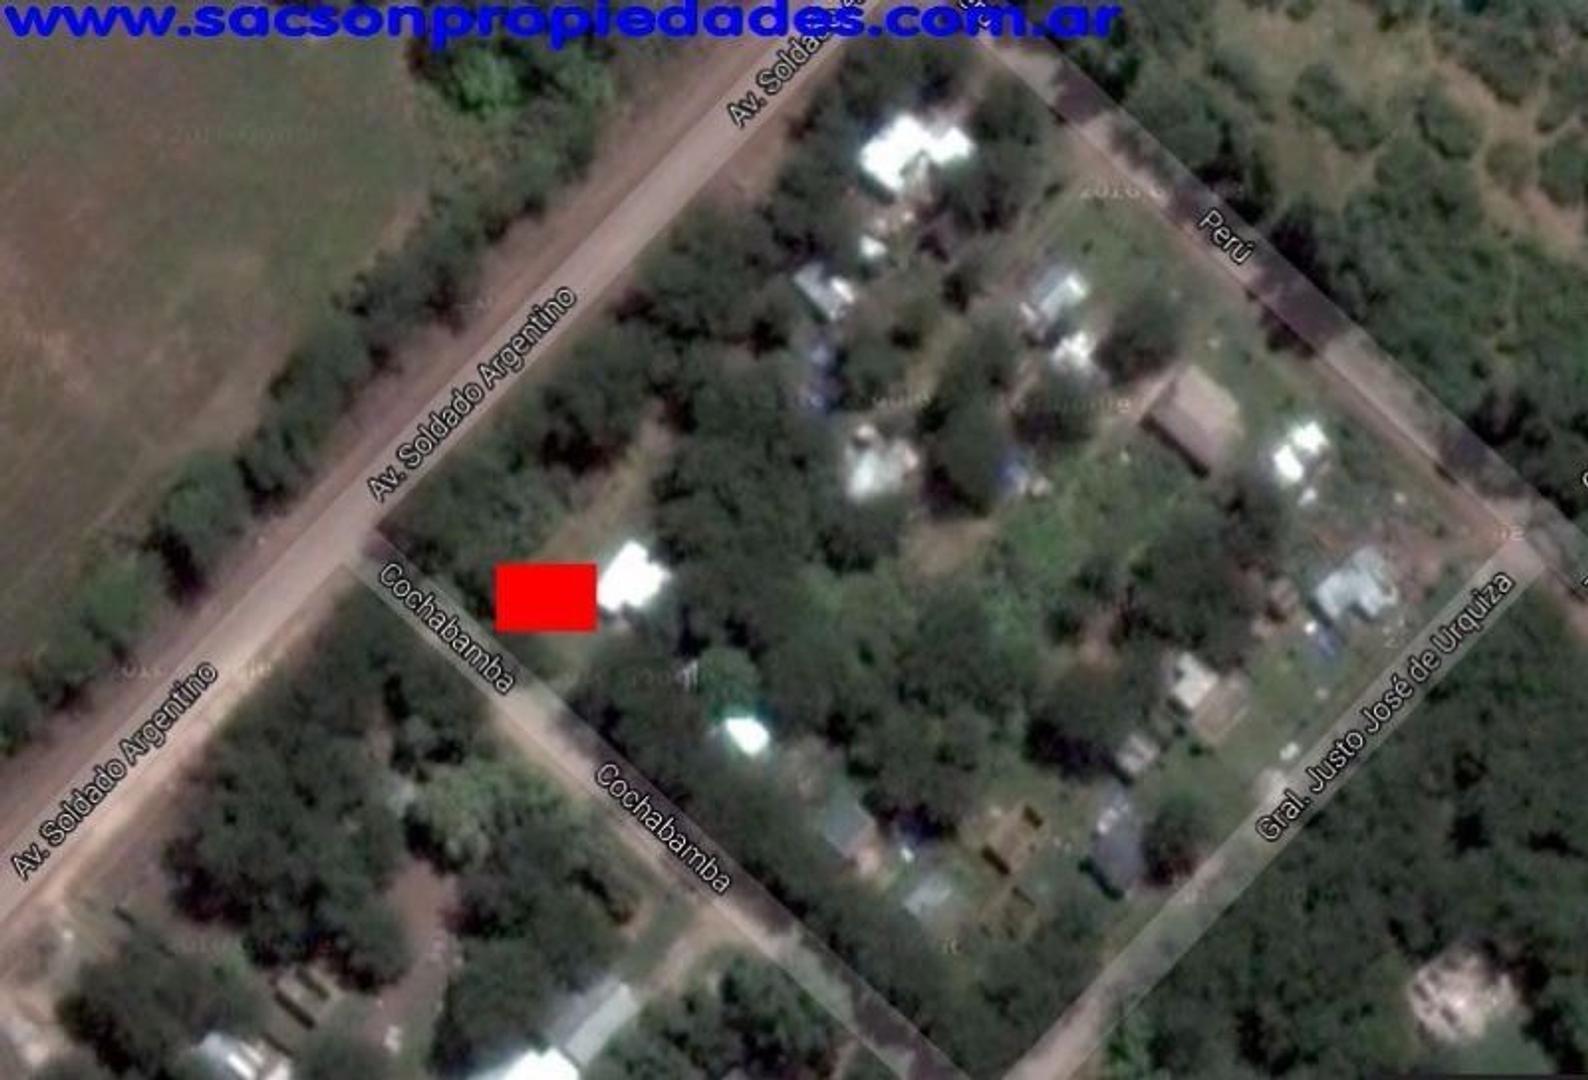 V451 Marcos Paz Venta de Lote de terreno - Consultas: tel 4656-0788